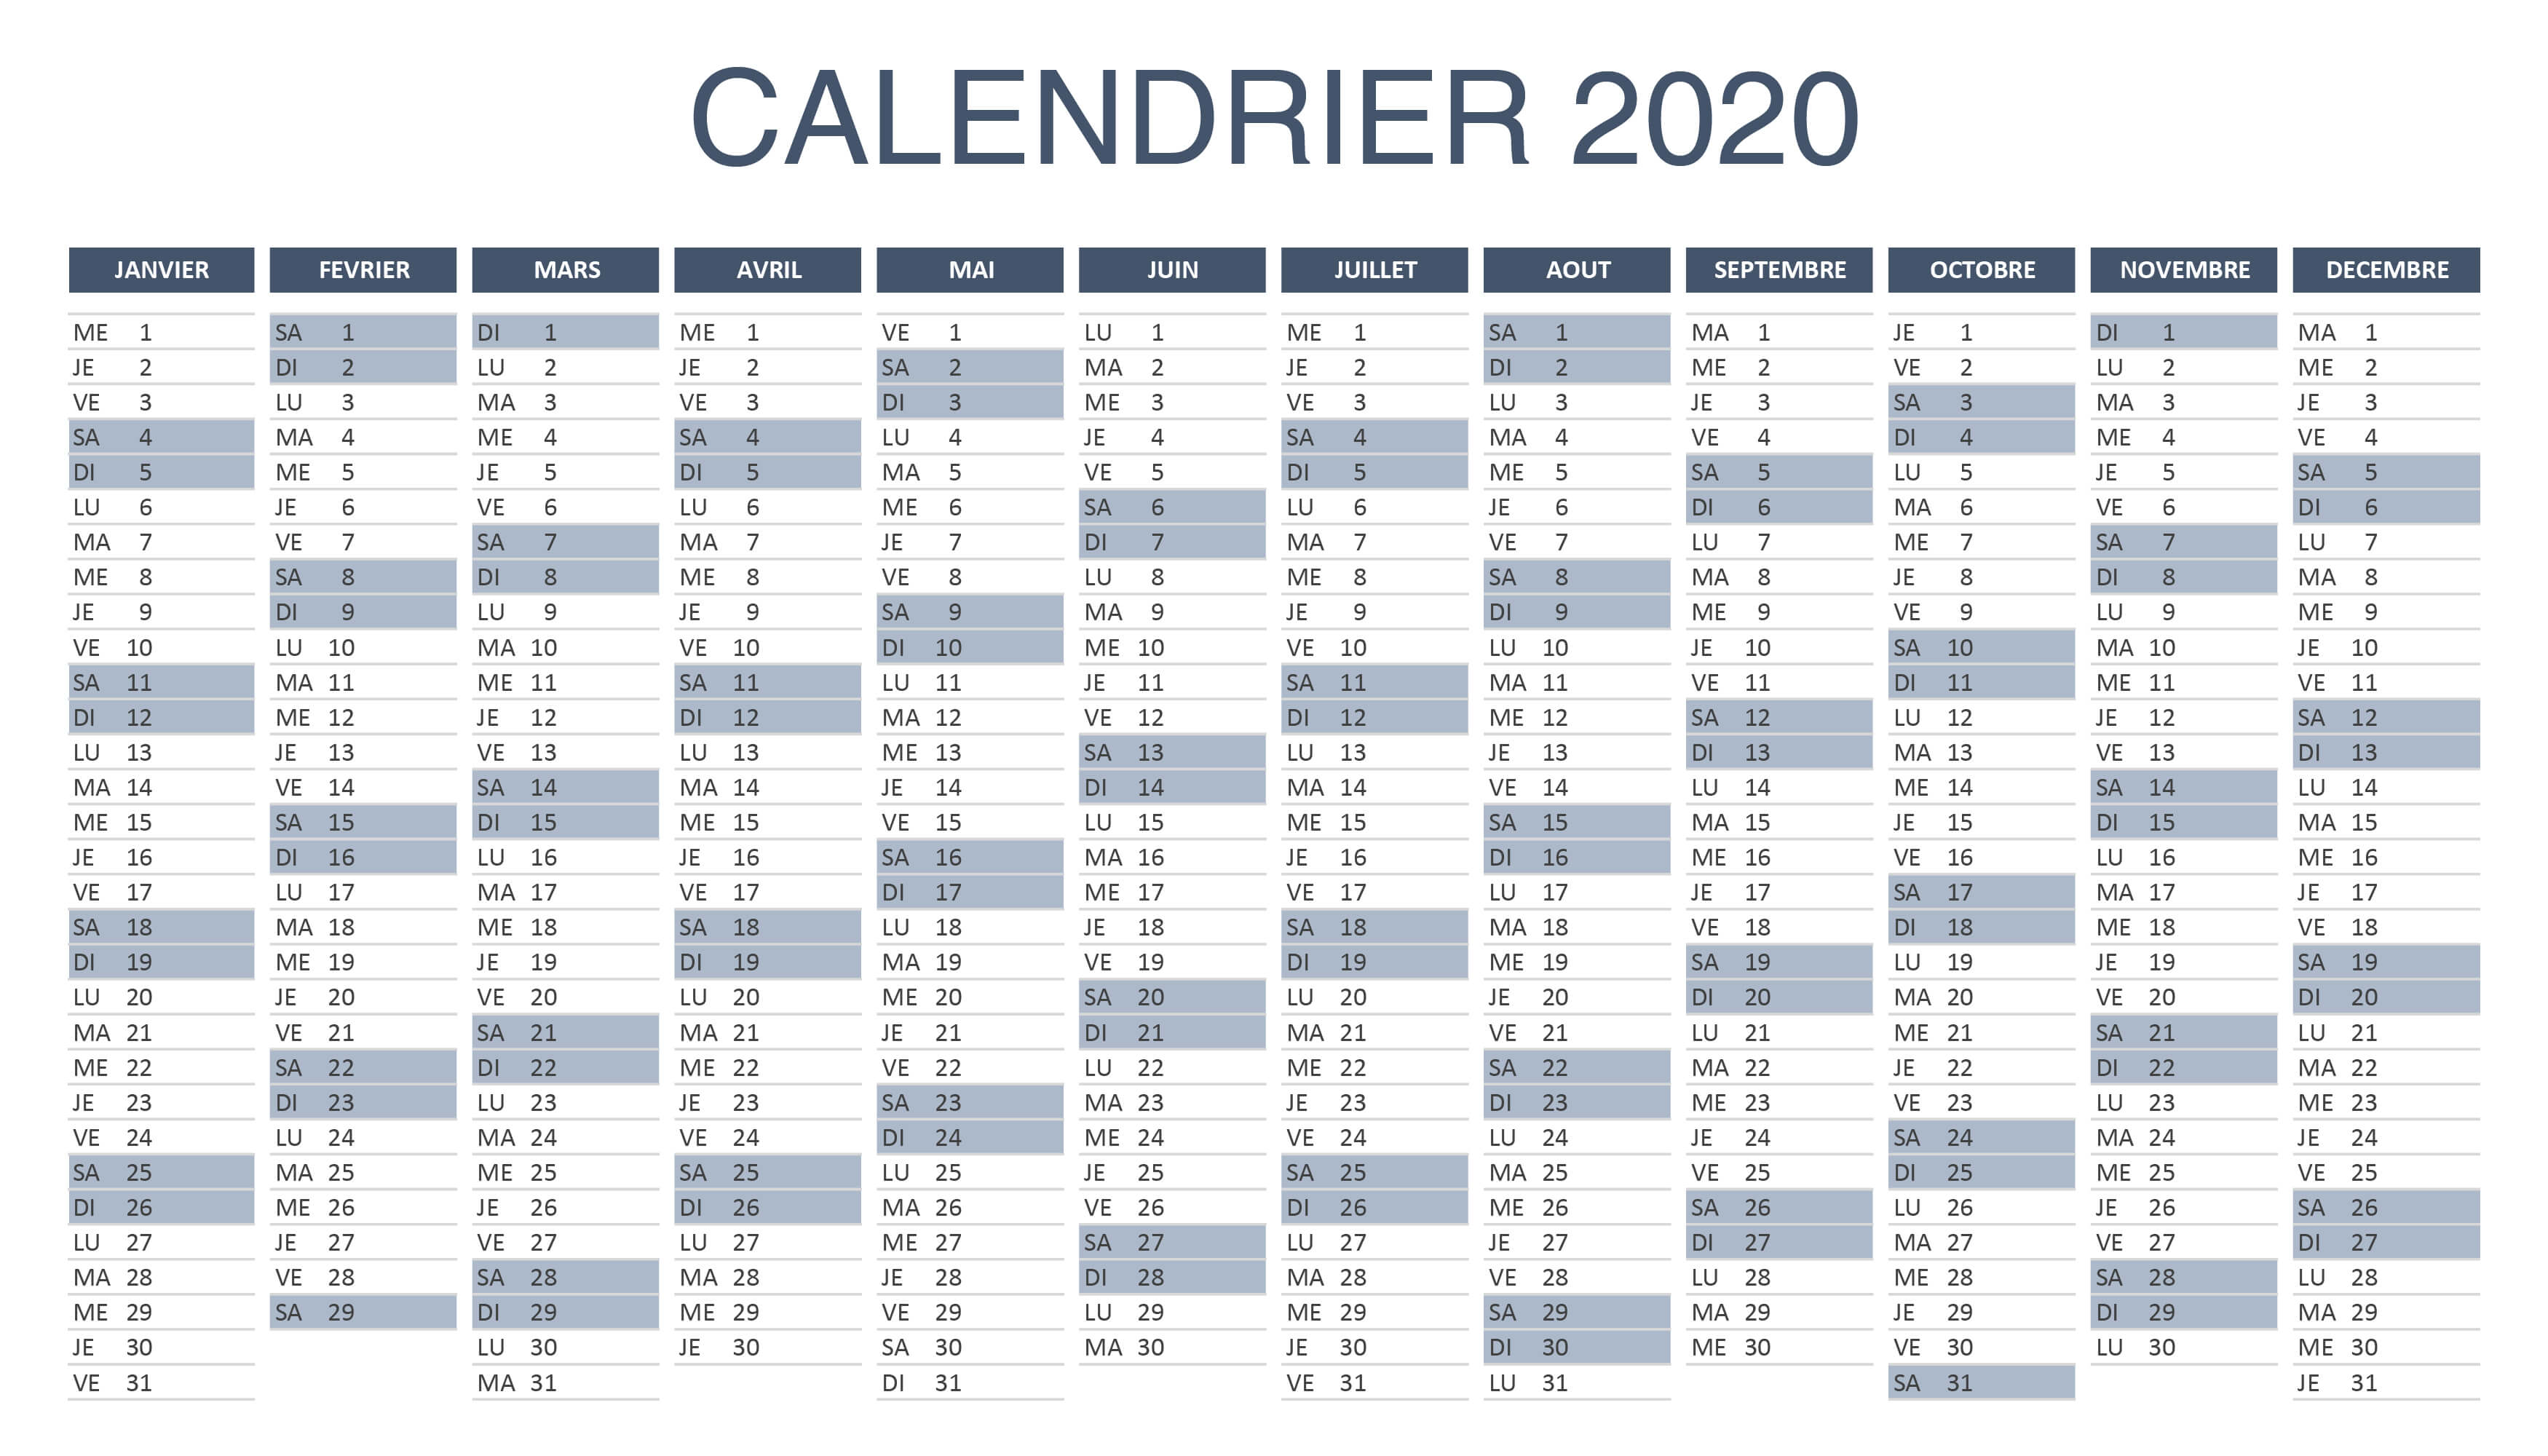 Calendrier Excel 2020.Calendrier 2020 Excel Et Pdf A Telecharger Et Imprimer